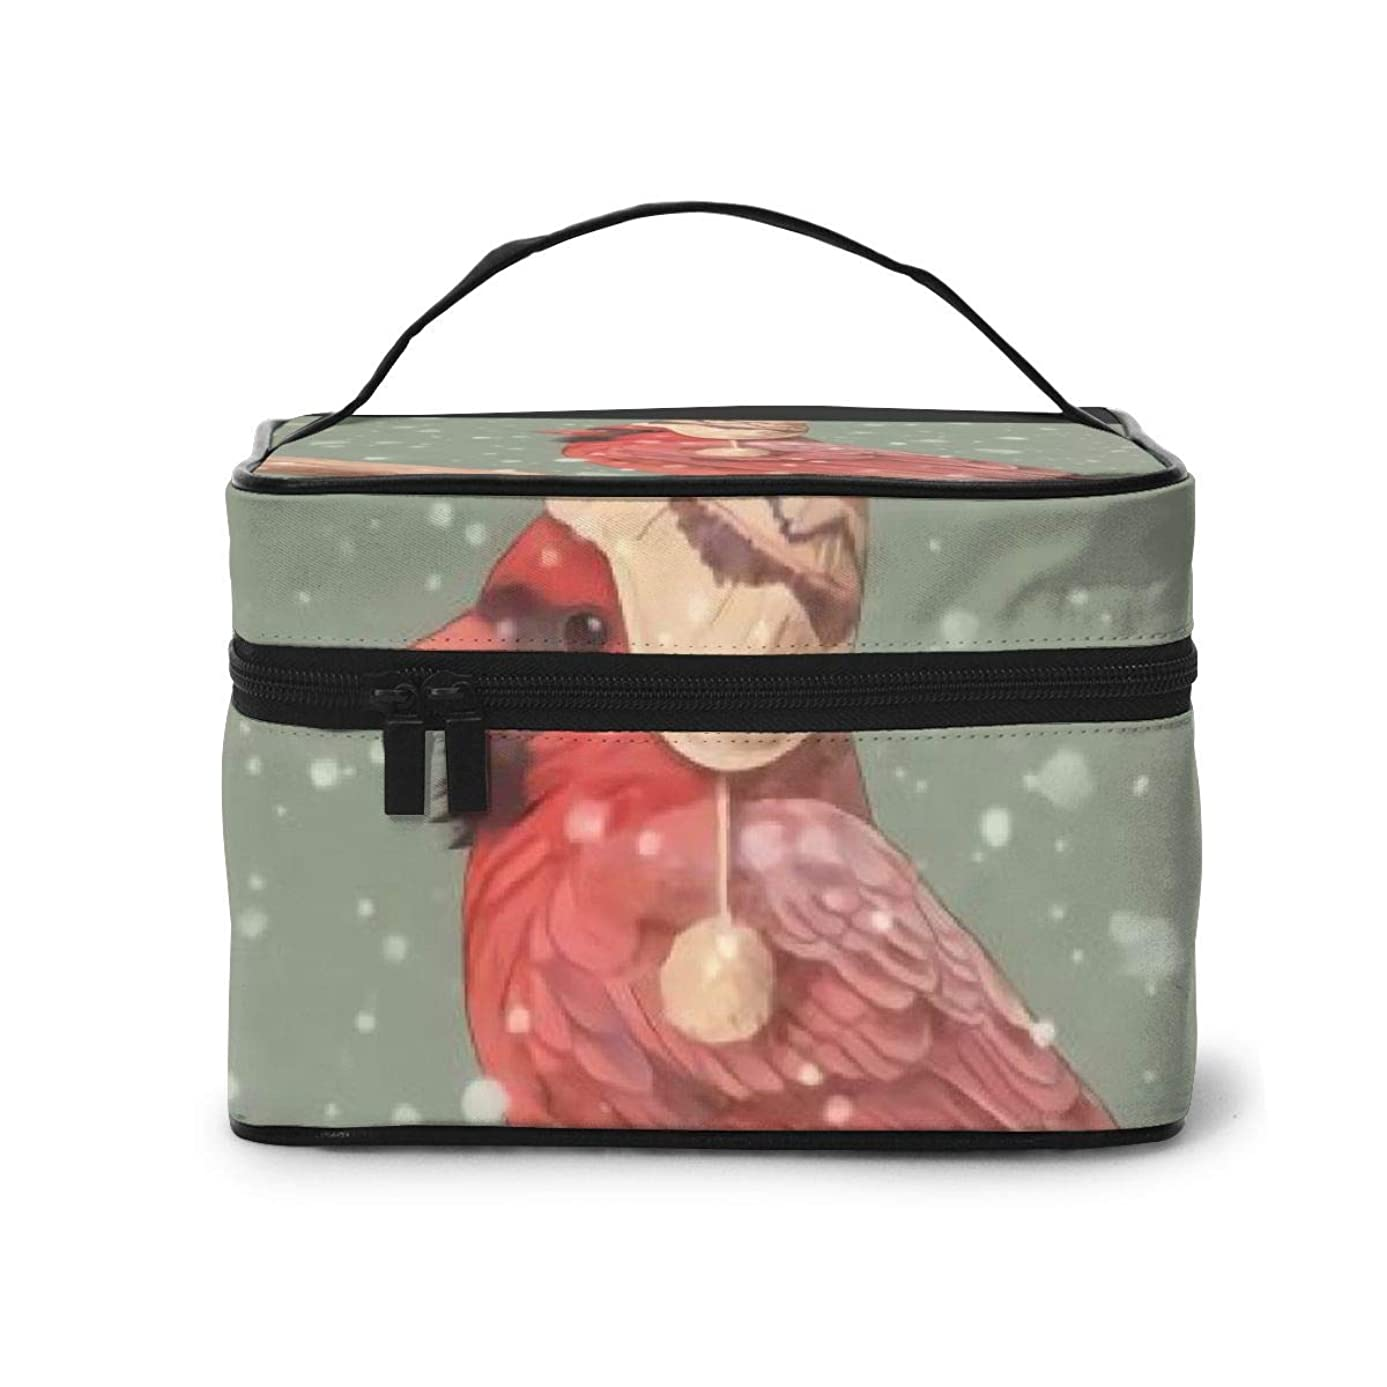 ラリー溶ける怠感メイクポーチ 化粧ポーチ コスメバッグ バニティケース トラベルポーチ 鳥 冬 ウール帽子 雑貨 小物入れ 出張用 超軽量 機能的 大容量 収納ボックス